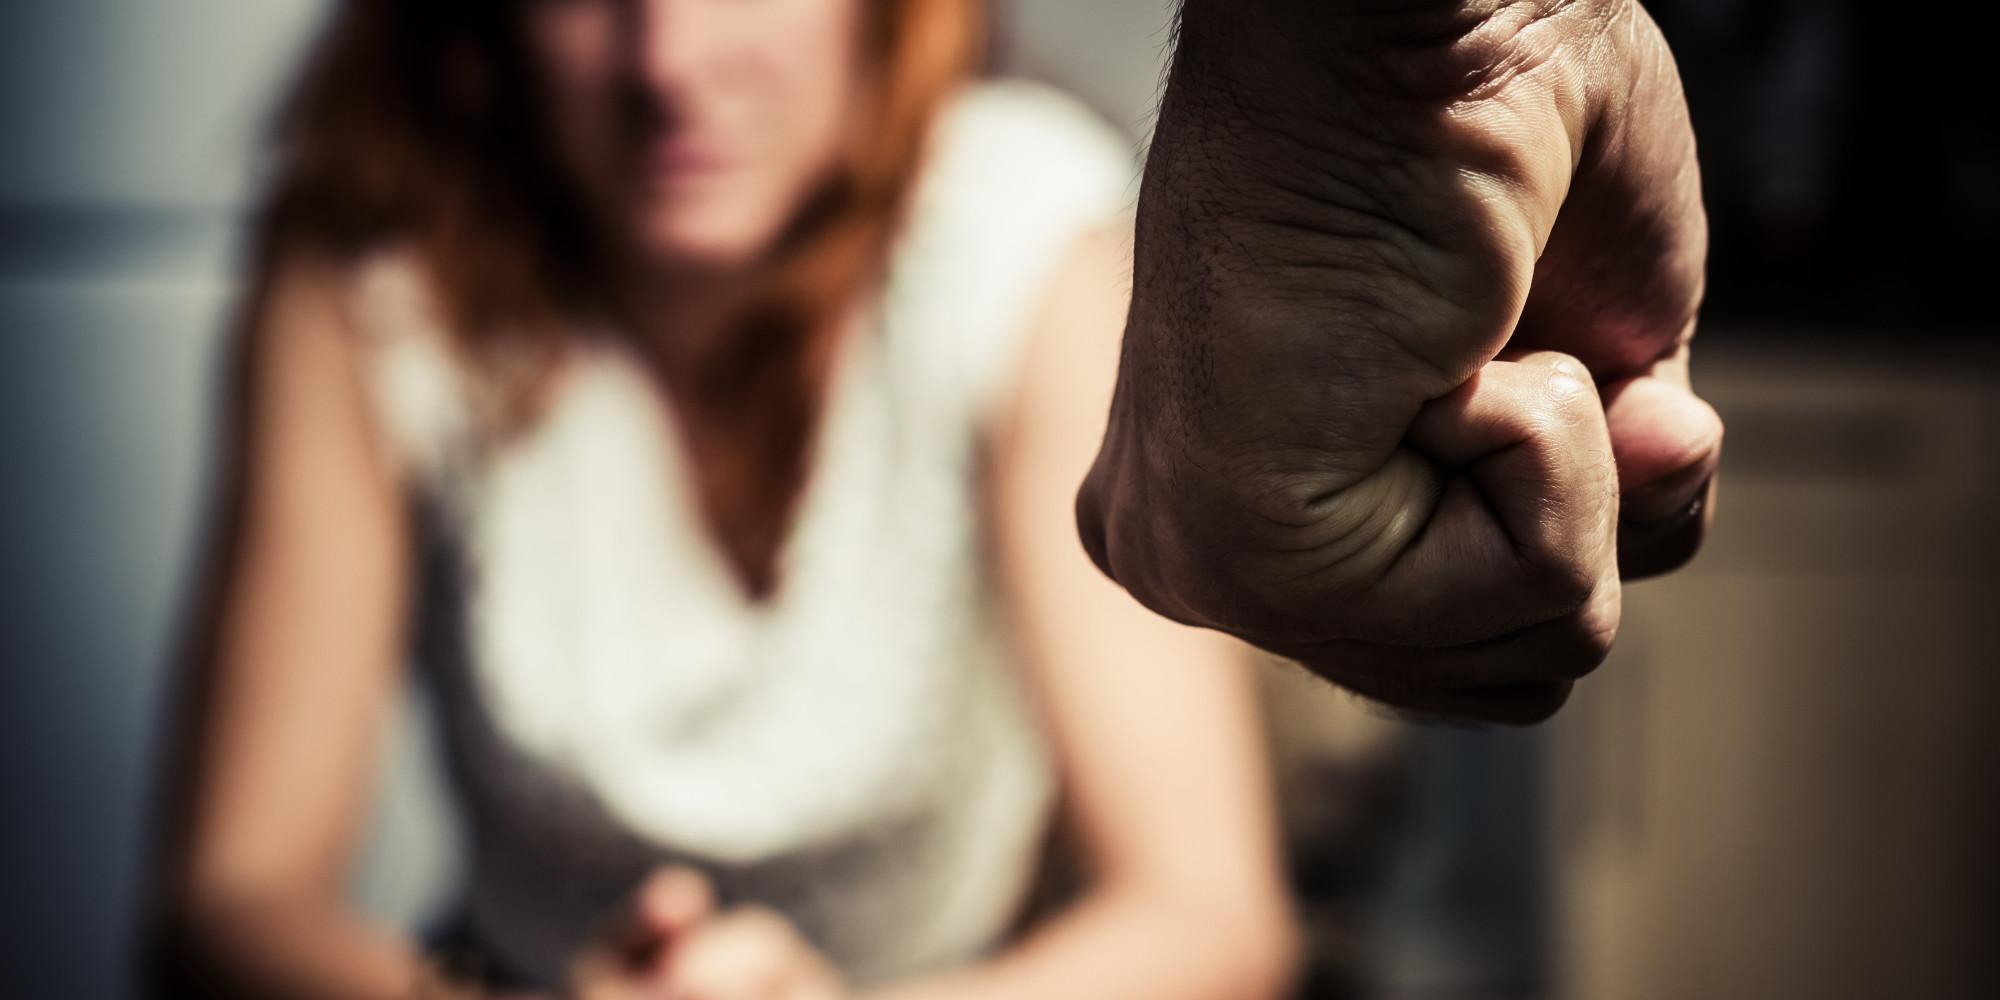 Harcèlement de femmes en public: Un projet de loi prévoi un an de prison